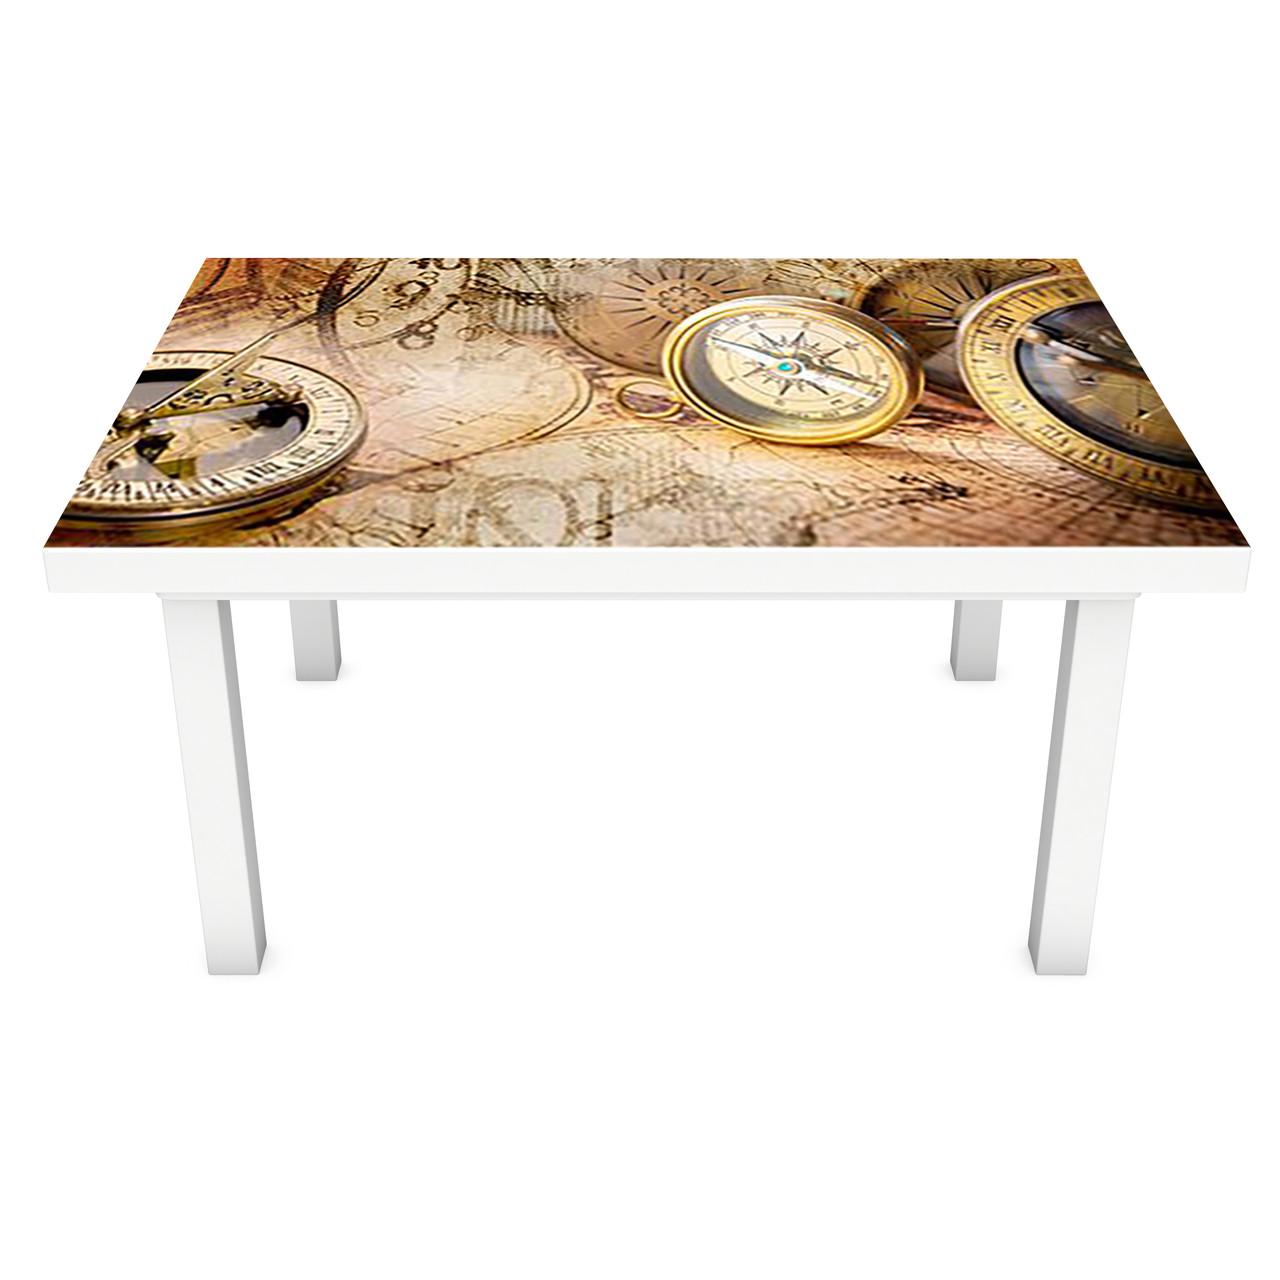 Виниловая наклейка на стол Компас интерьерная ПВХ пленка для мебели карты канаты пираты Море Бежевый 600*1200